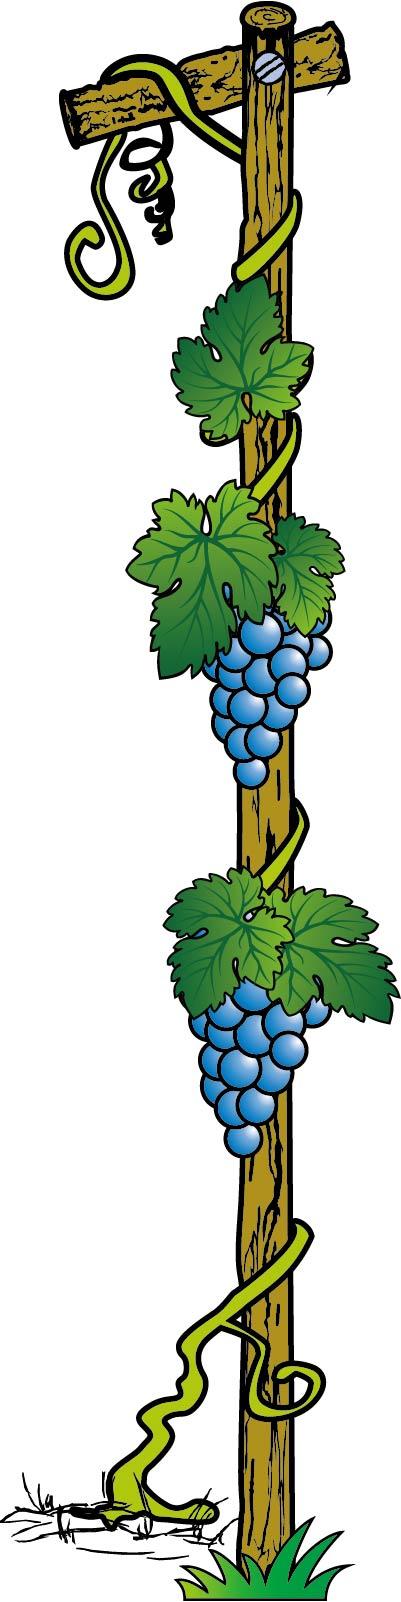 葡萄模板下载 葡萄图片下载 葡萄 葡萄藤 葡萄架